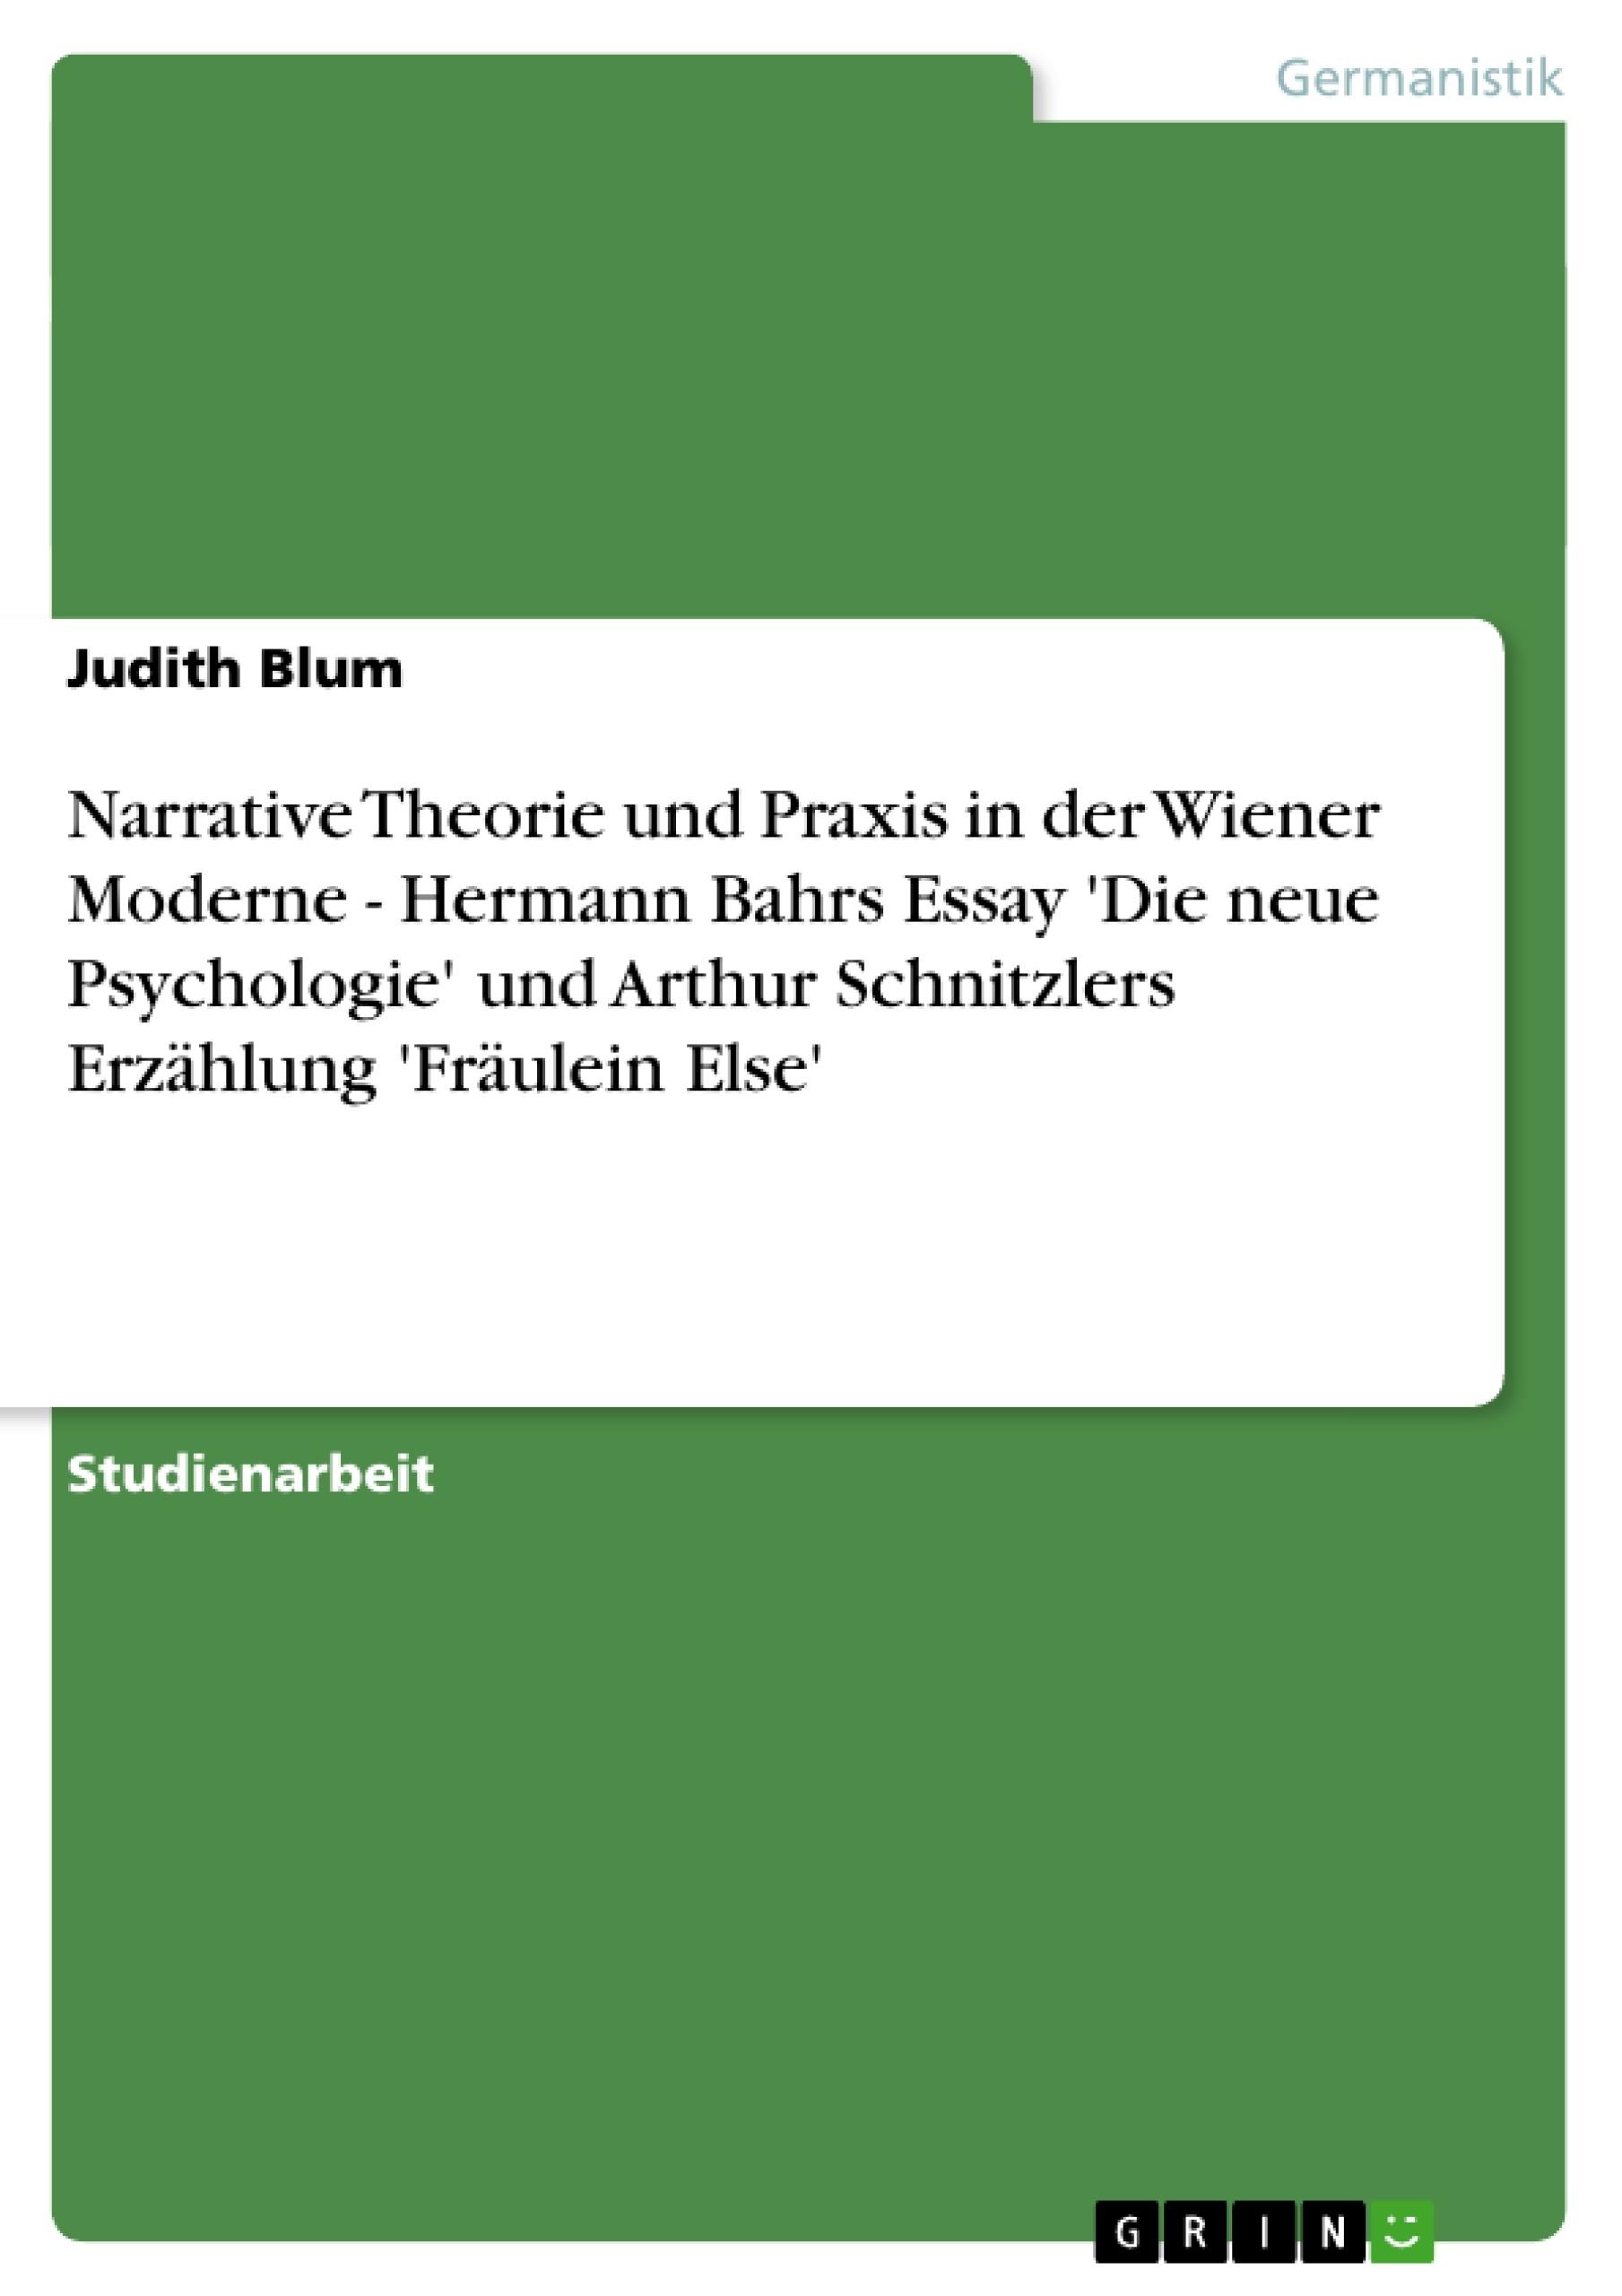 Titel: Narrative Theorie und Praxis in der Wiener Moderne - Hermann Bahrs Essay 'Die neue Psychologie' und Arthur Schnitzlers Erzählung 'Fräulein Else'